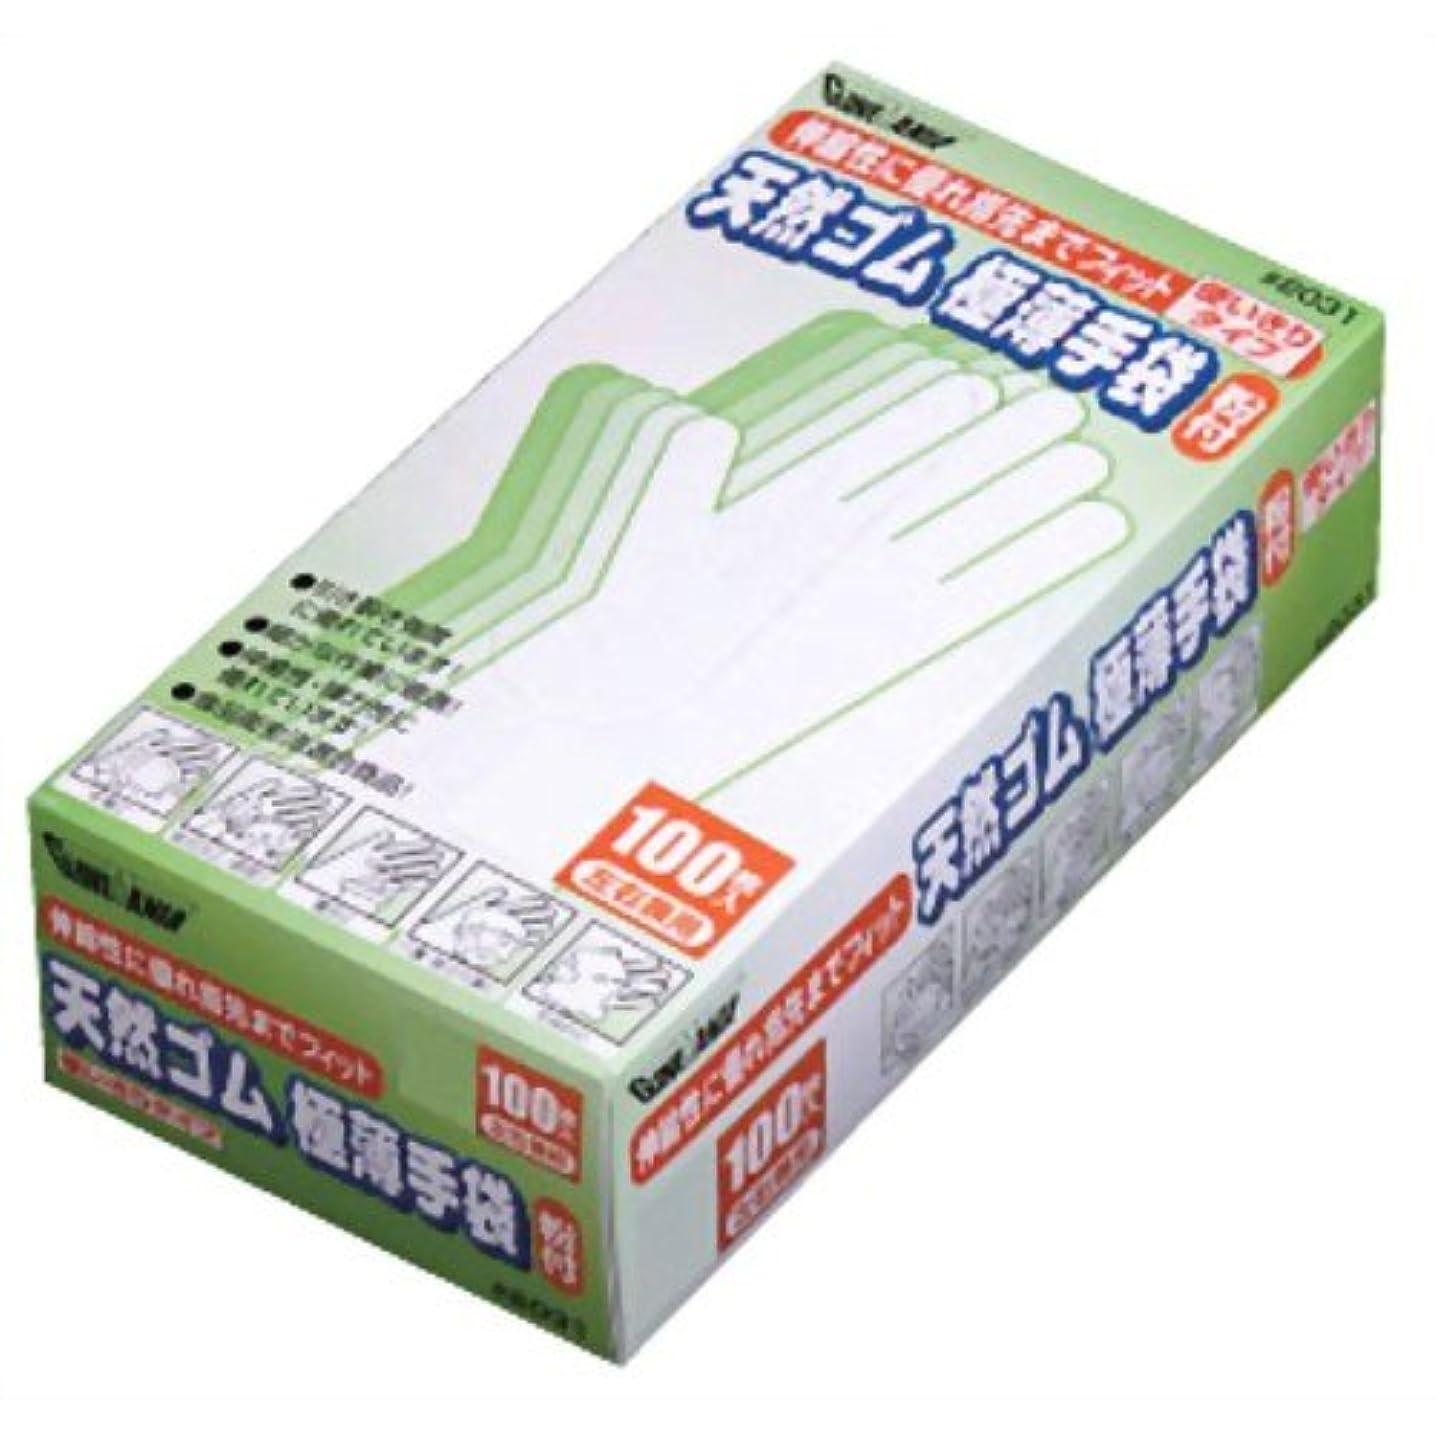 思春期意味受ける川西工業 天然ゴム極薄手袋 粉付 100枚入 #2031 ナチュラル SS